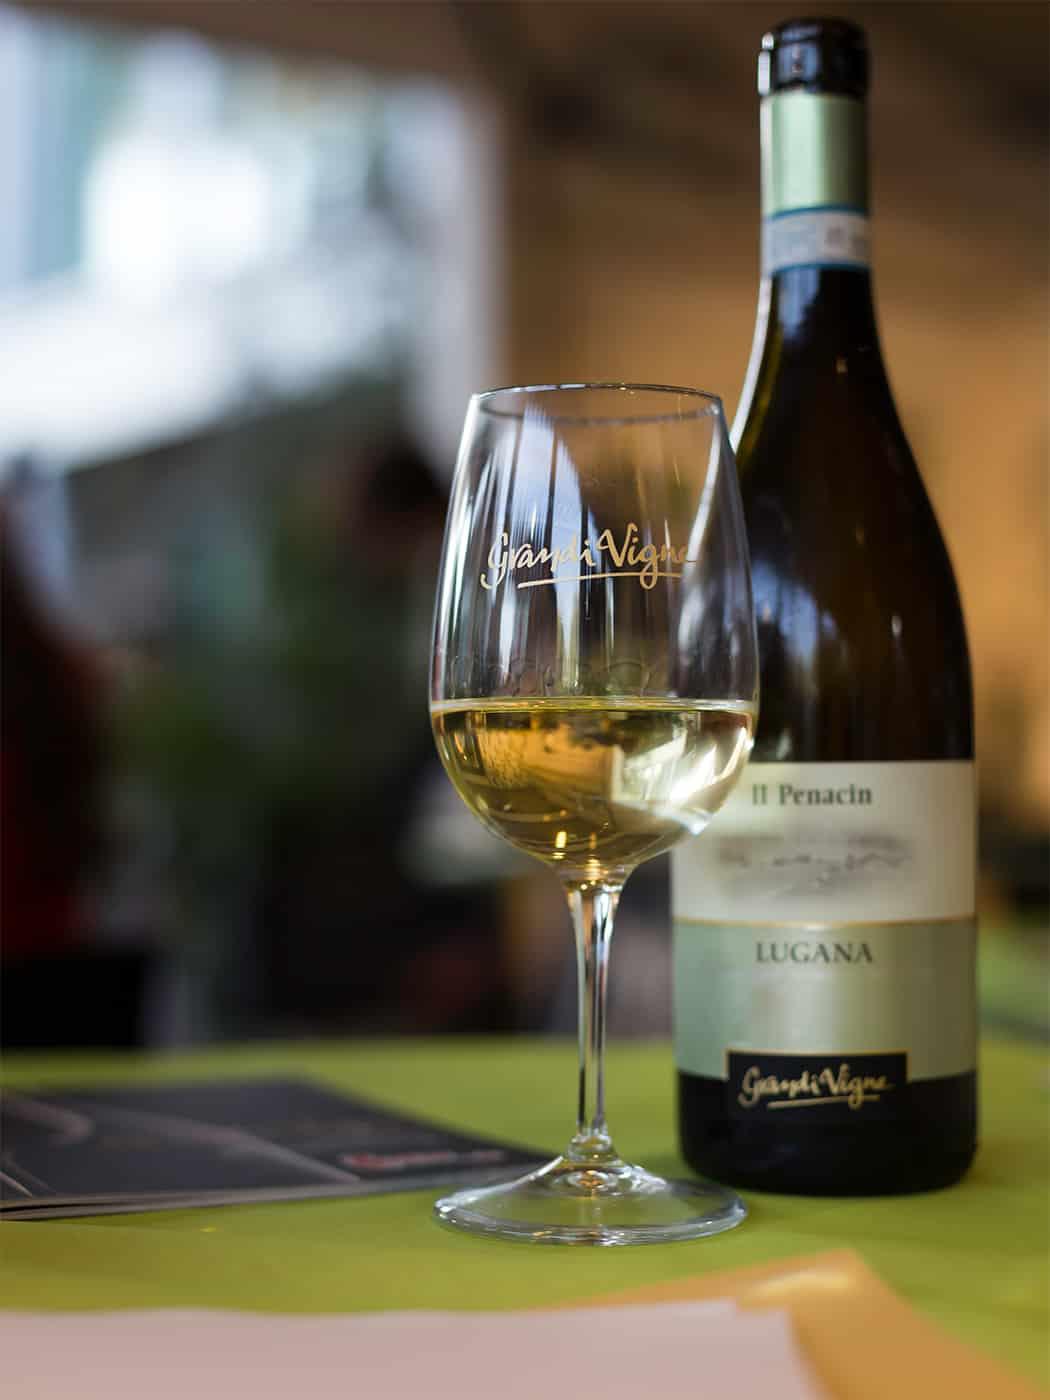 vini bianchi Grandi Vigne